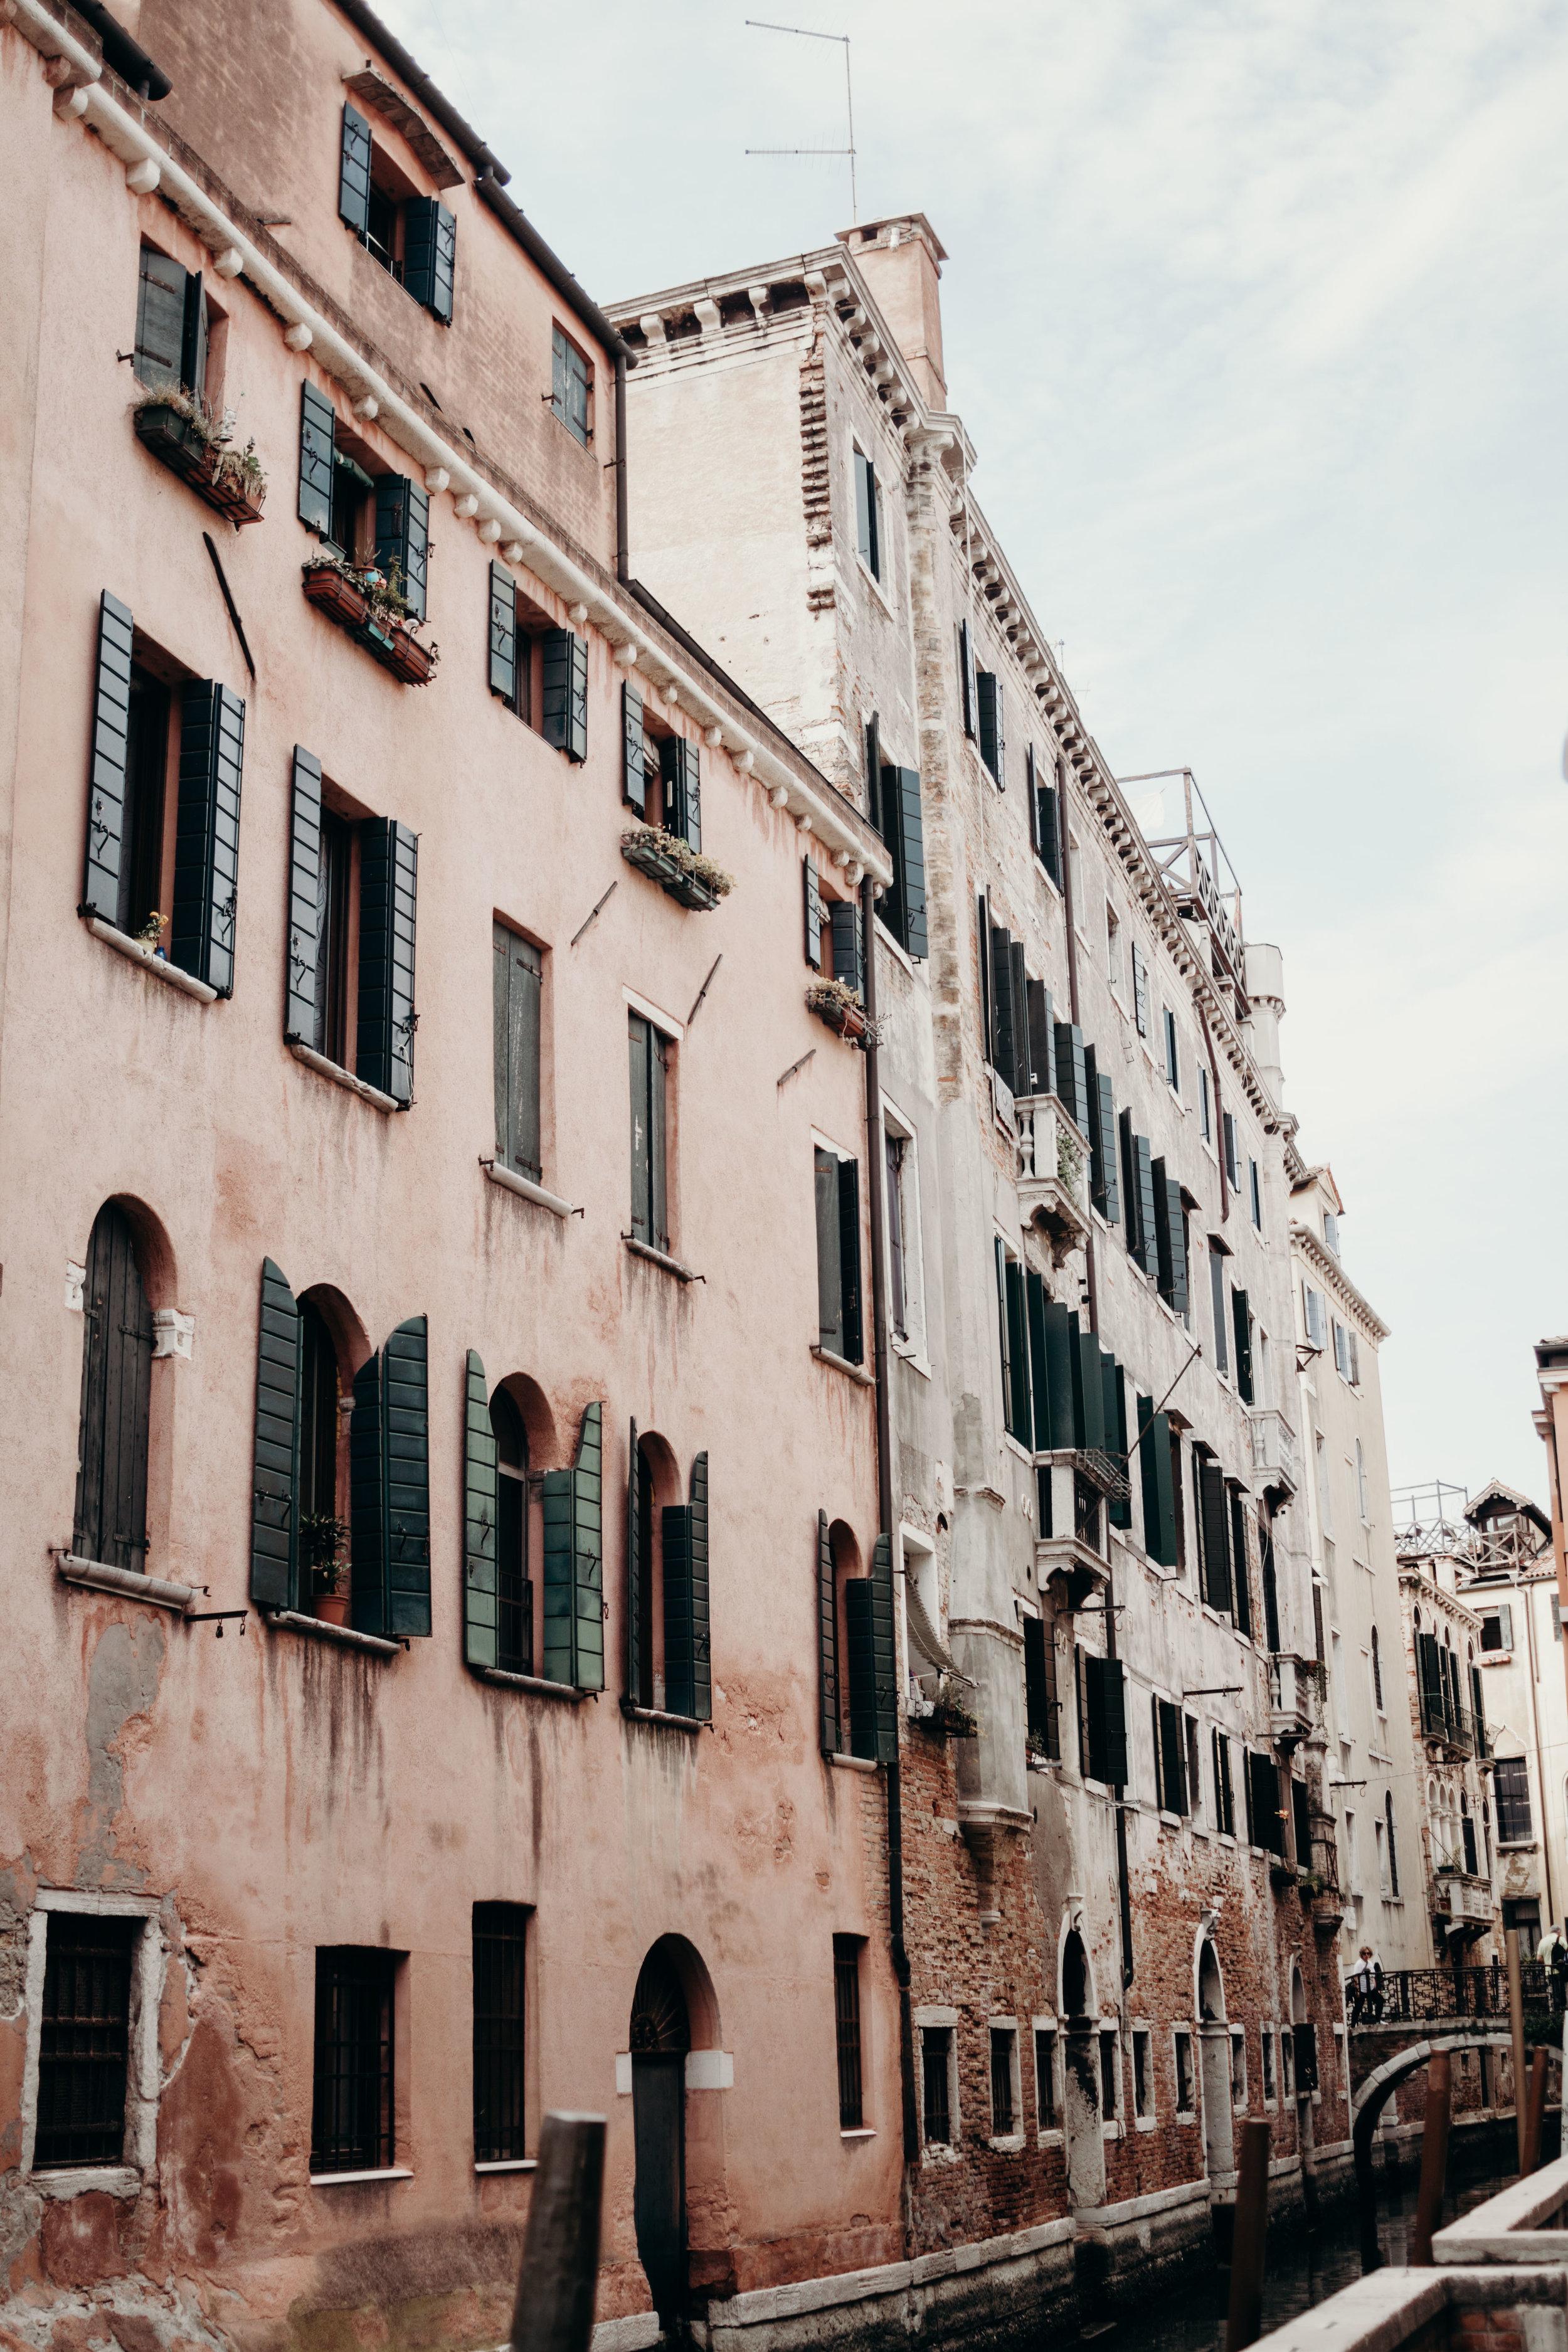 ITALIA-8032.jpg